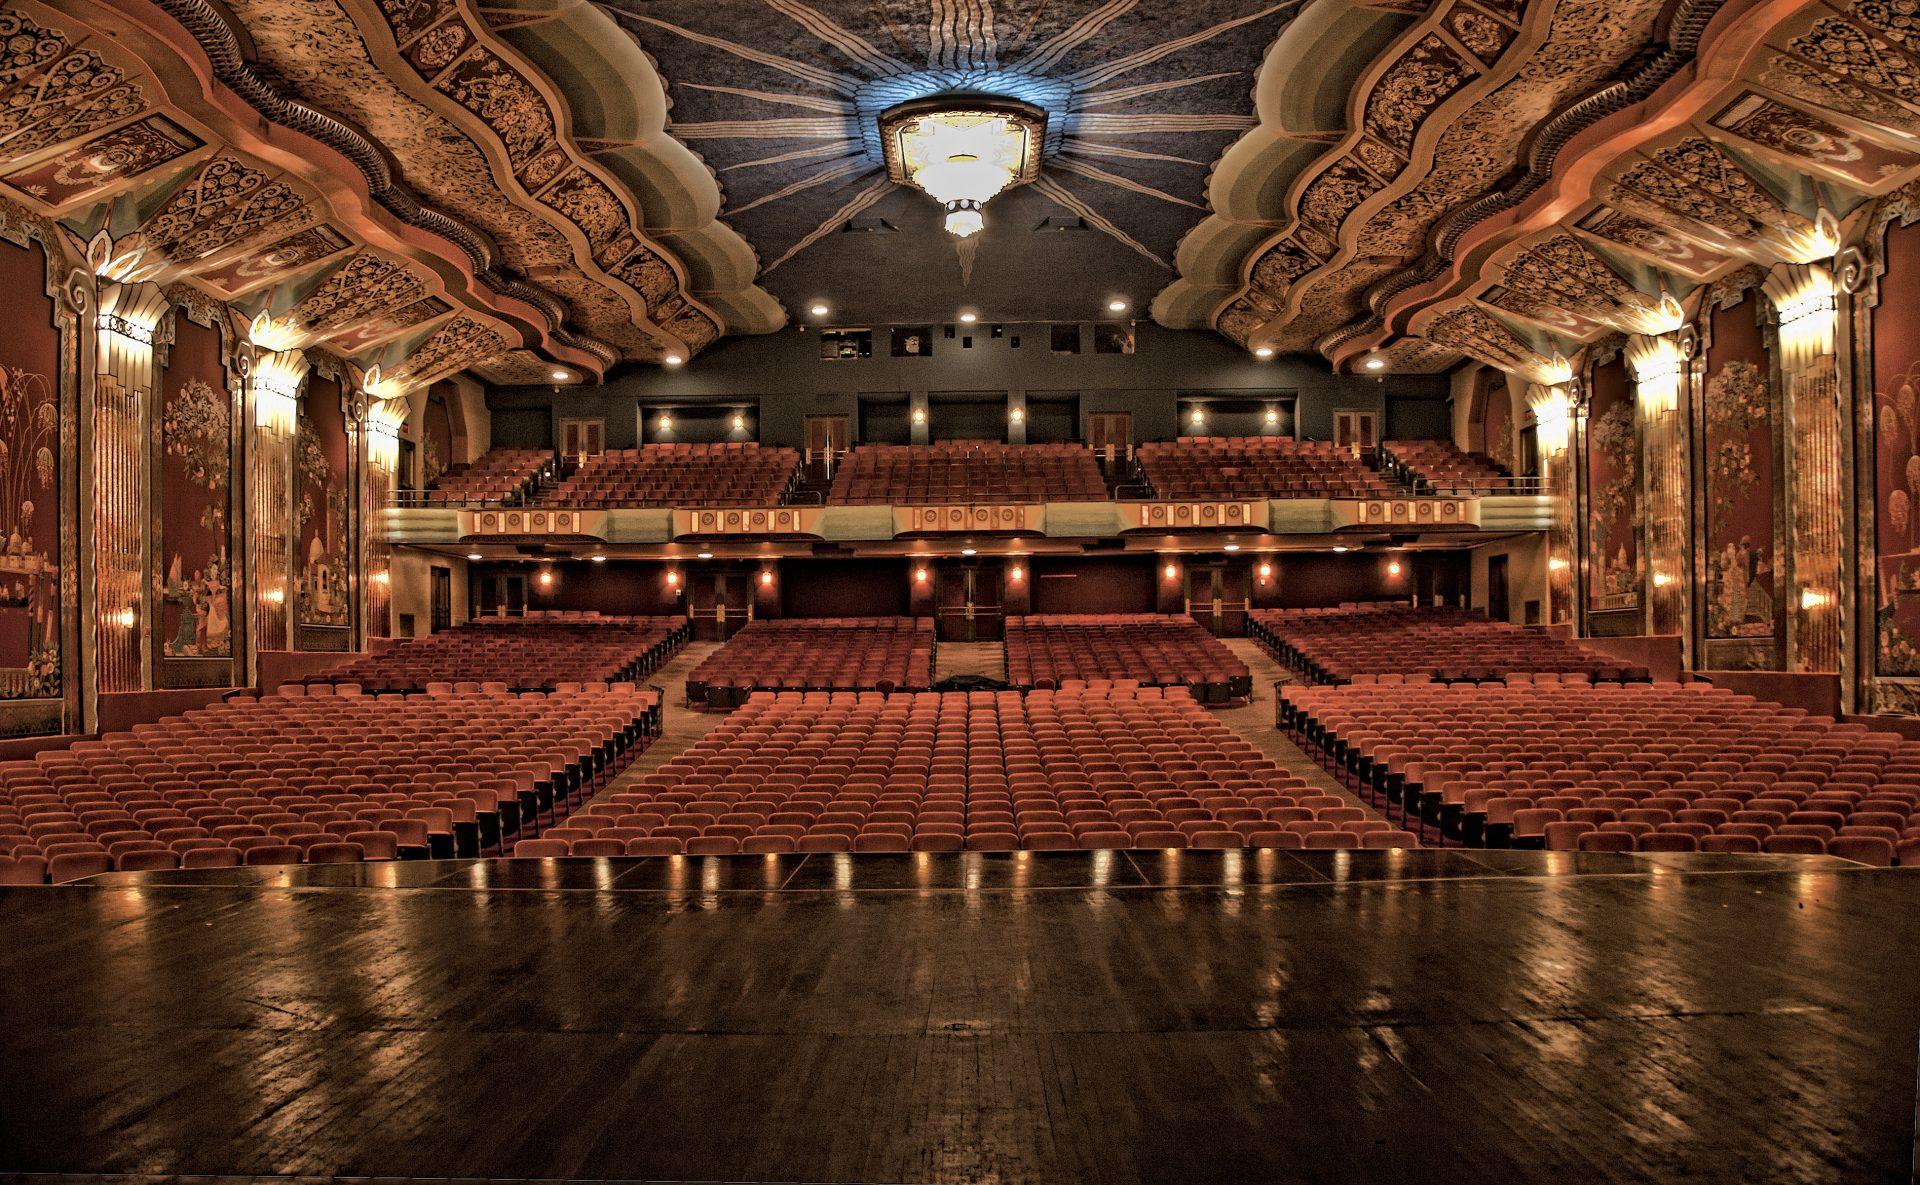 Chicago-Area Theater Announces 2017-2018 Musicals